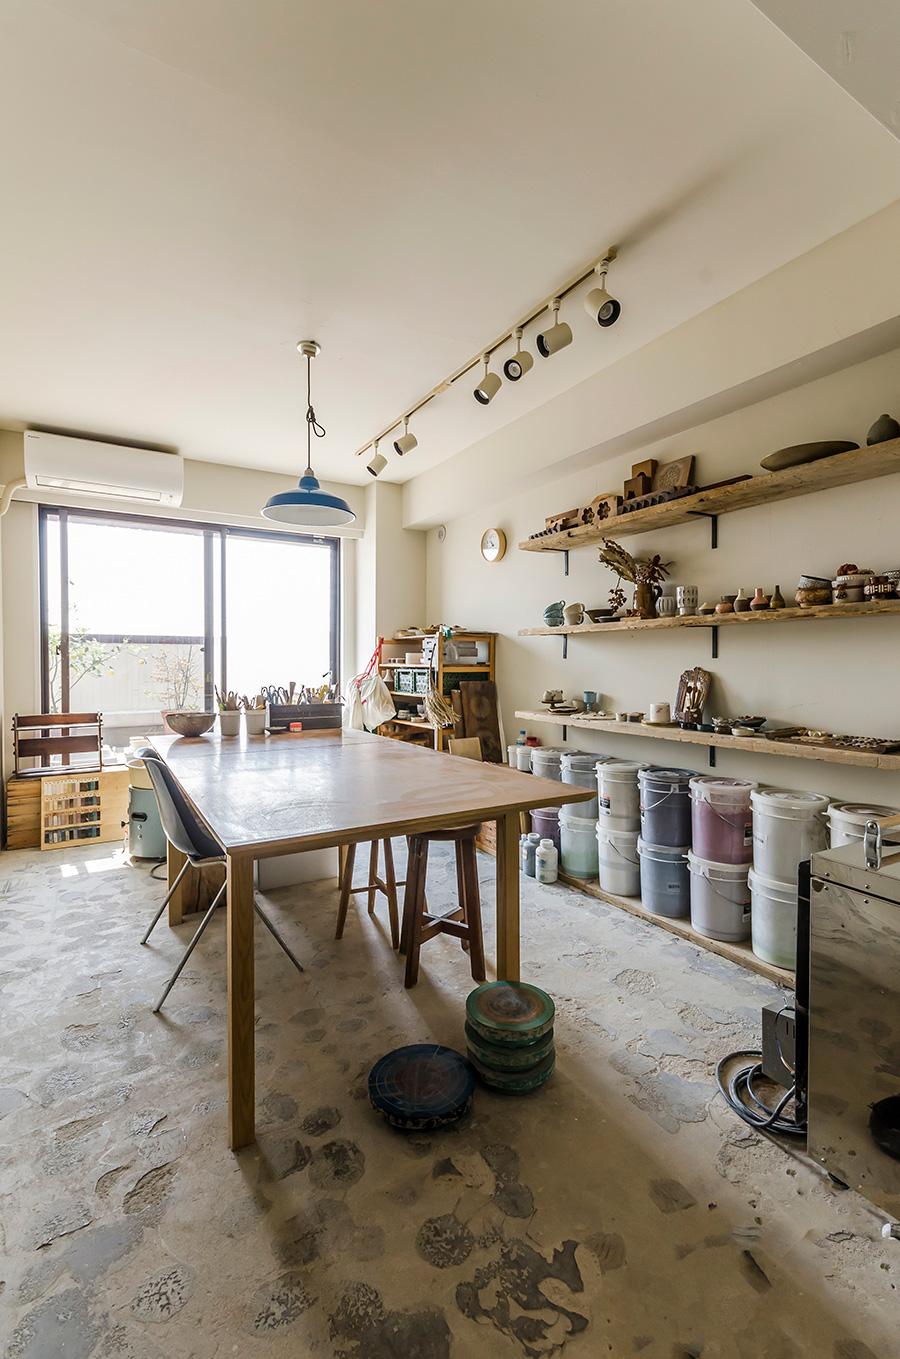 奥さまの作業場。コンクリート土間に陶芸の材料や工具などが置かれている。